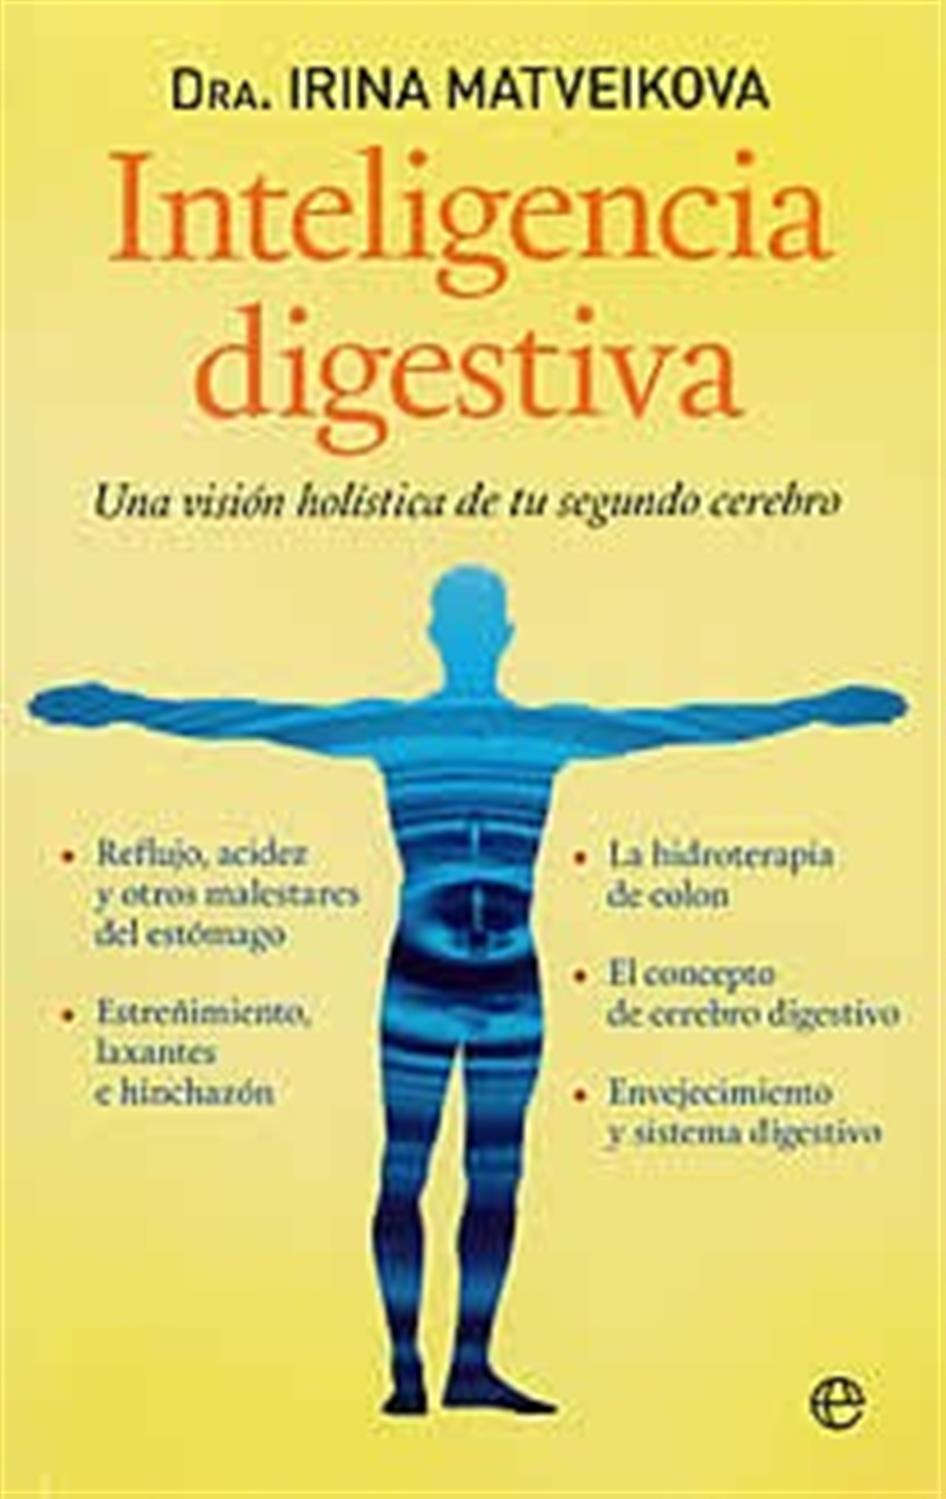 Inteligencia digestiva